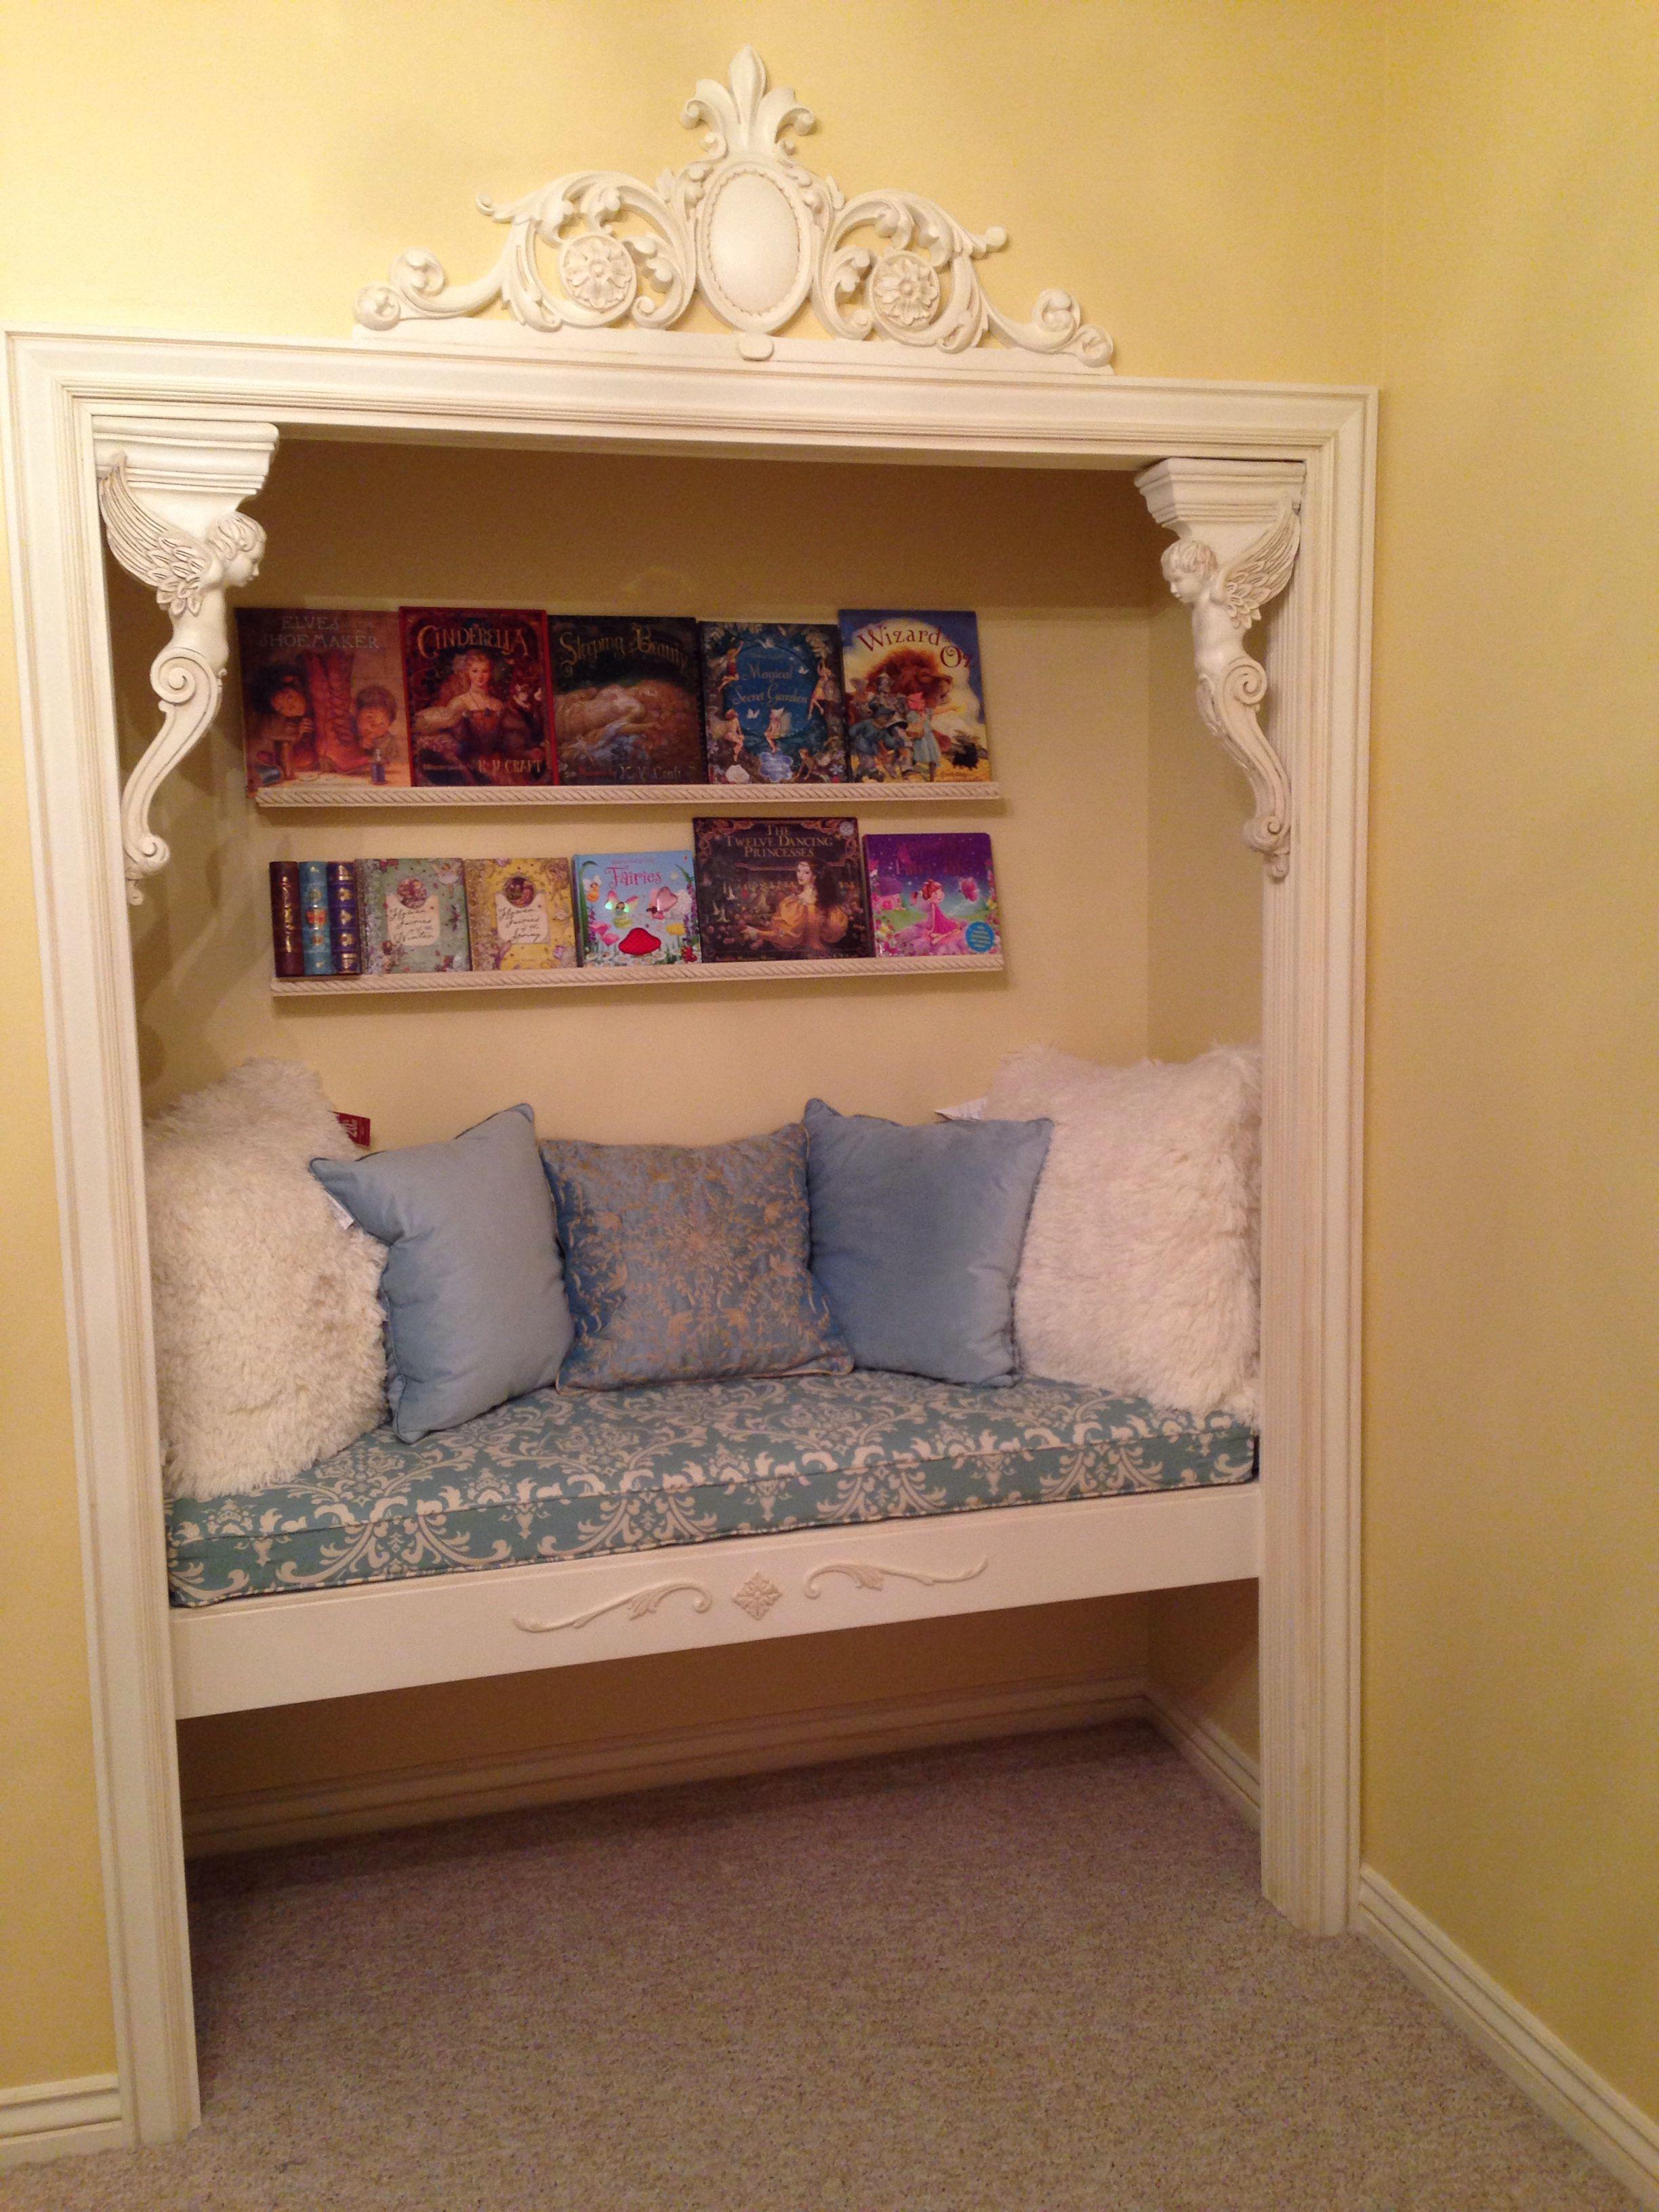 Closet Reading Nook Favorite Places Spaces Pinterest Closet Reading Nooks Reading Nooks